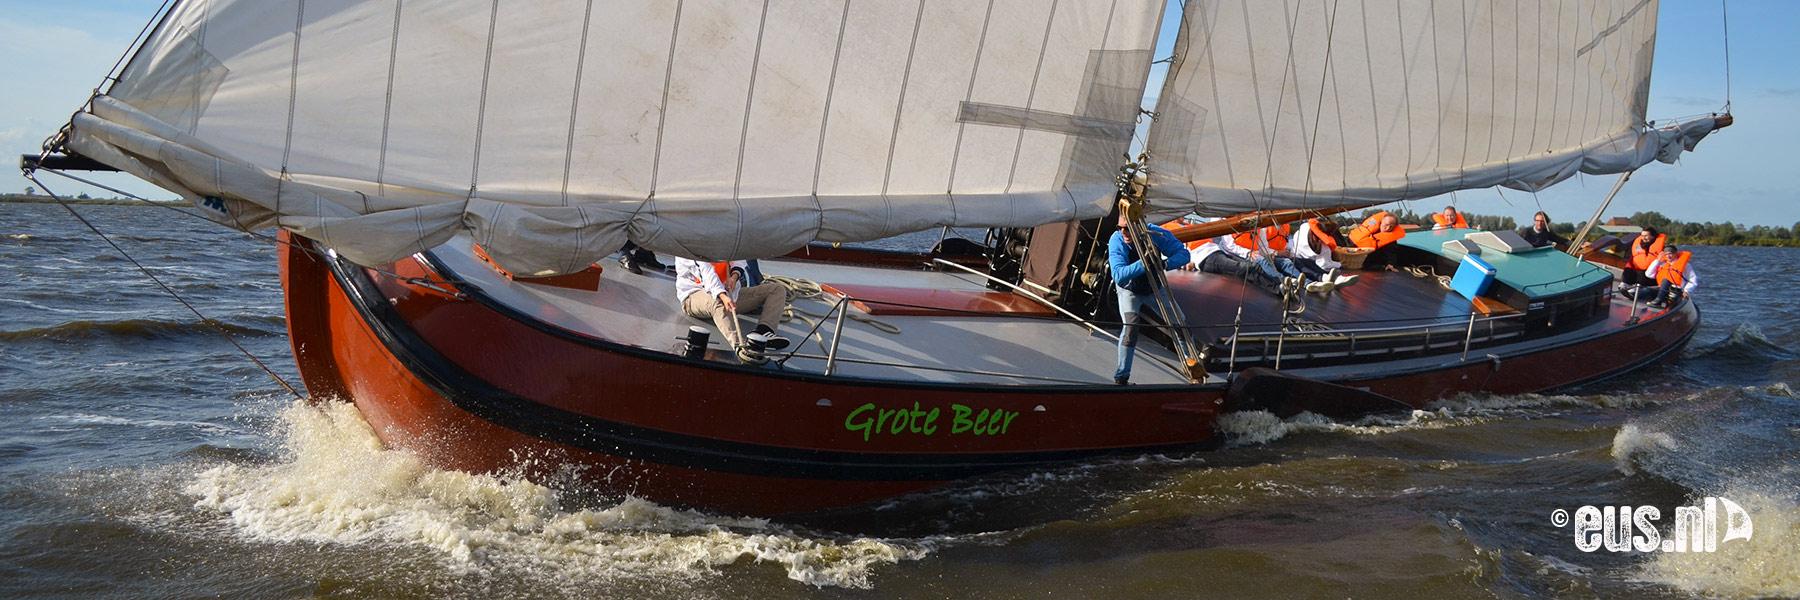 Skutsje zeilen op de Friese meren